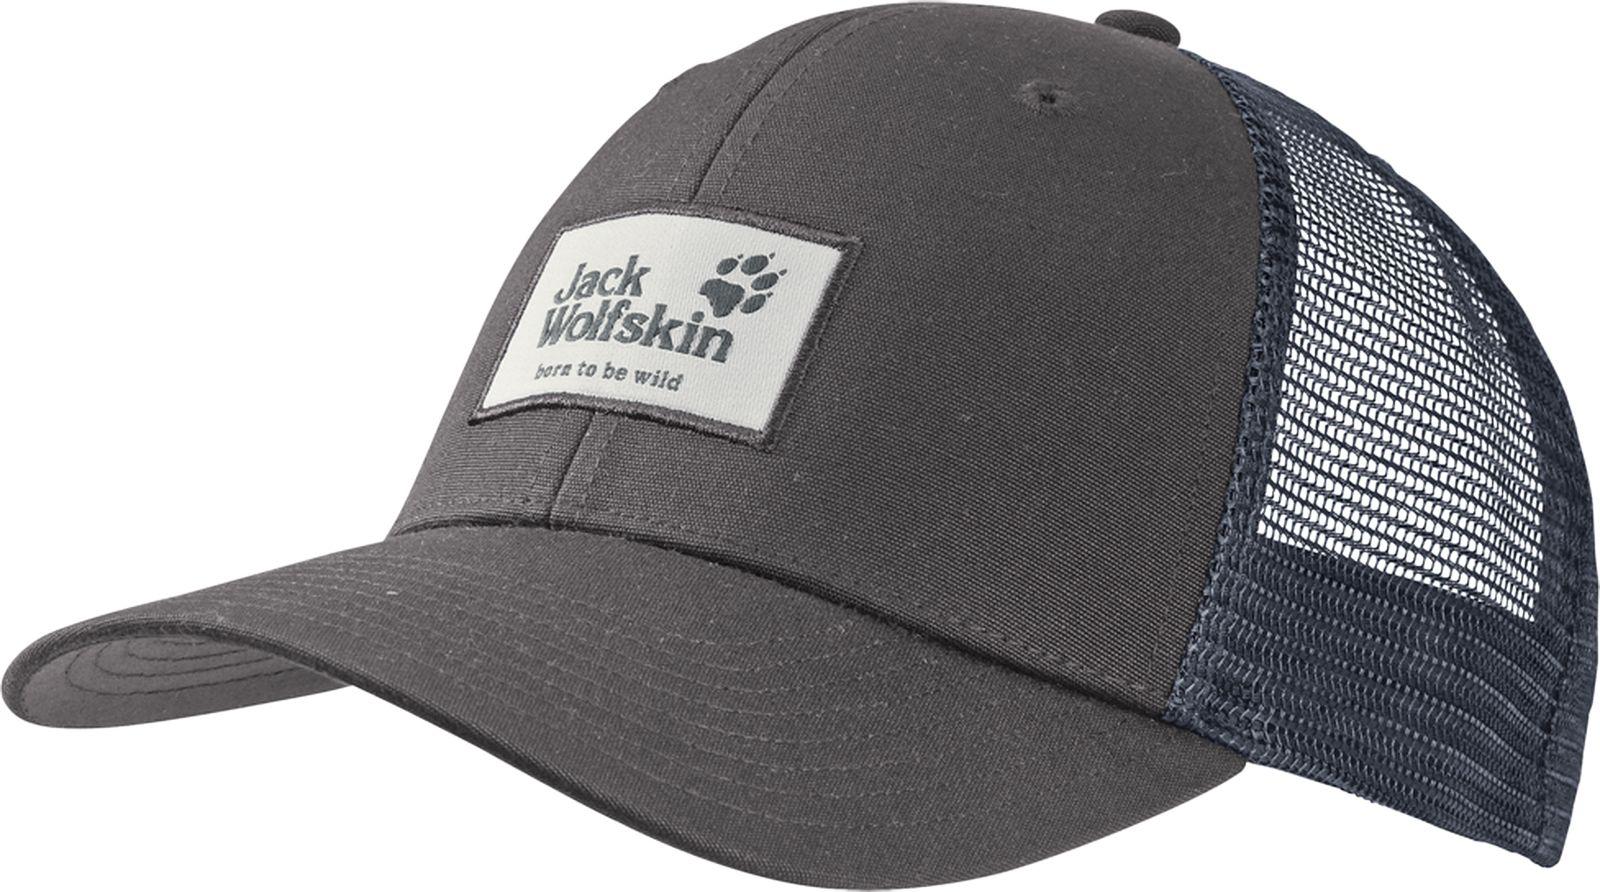 Бейсболка Jack Wolfskin бейсболка jack wolfskin baseball cap цвет светло бежевый 1900671 5505 размер 56 61